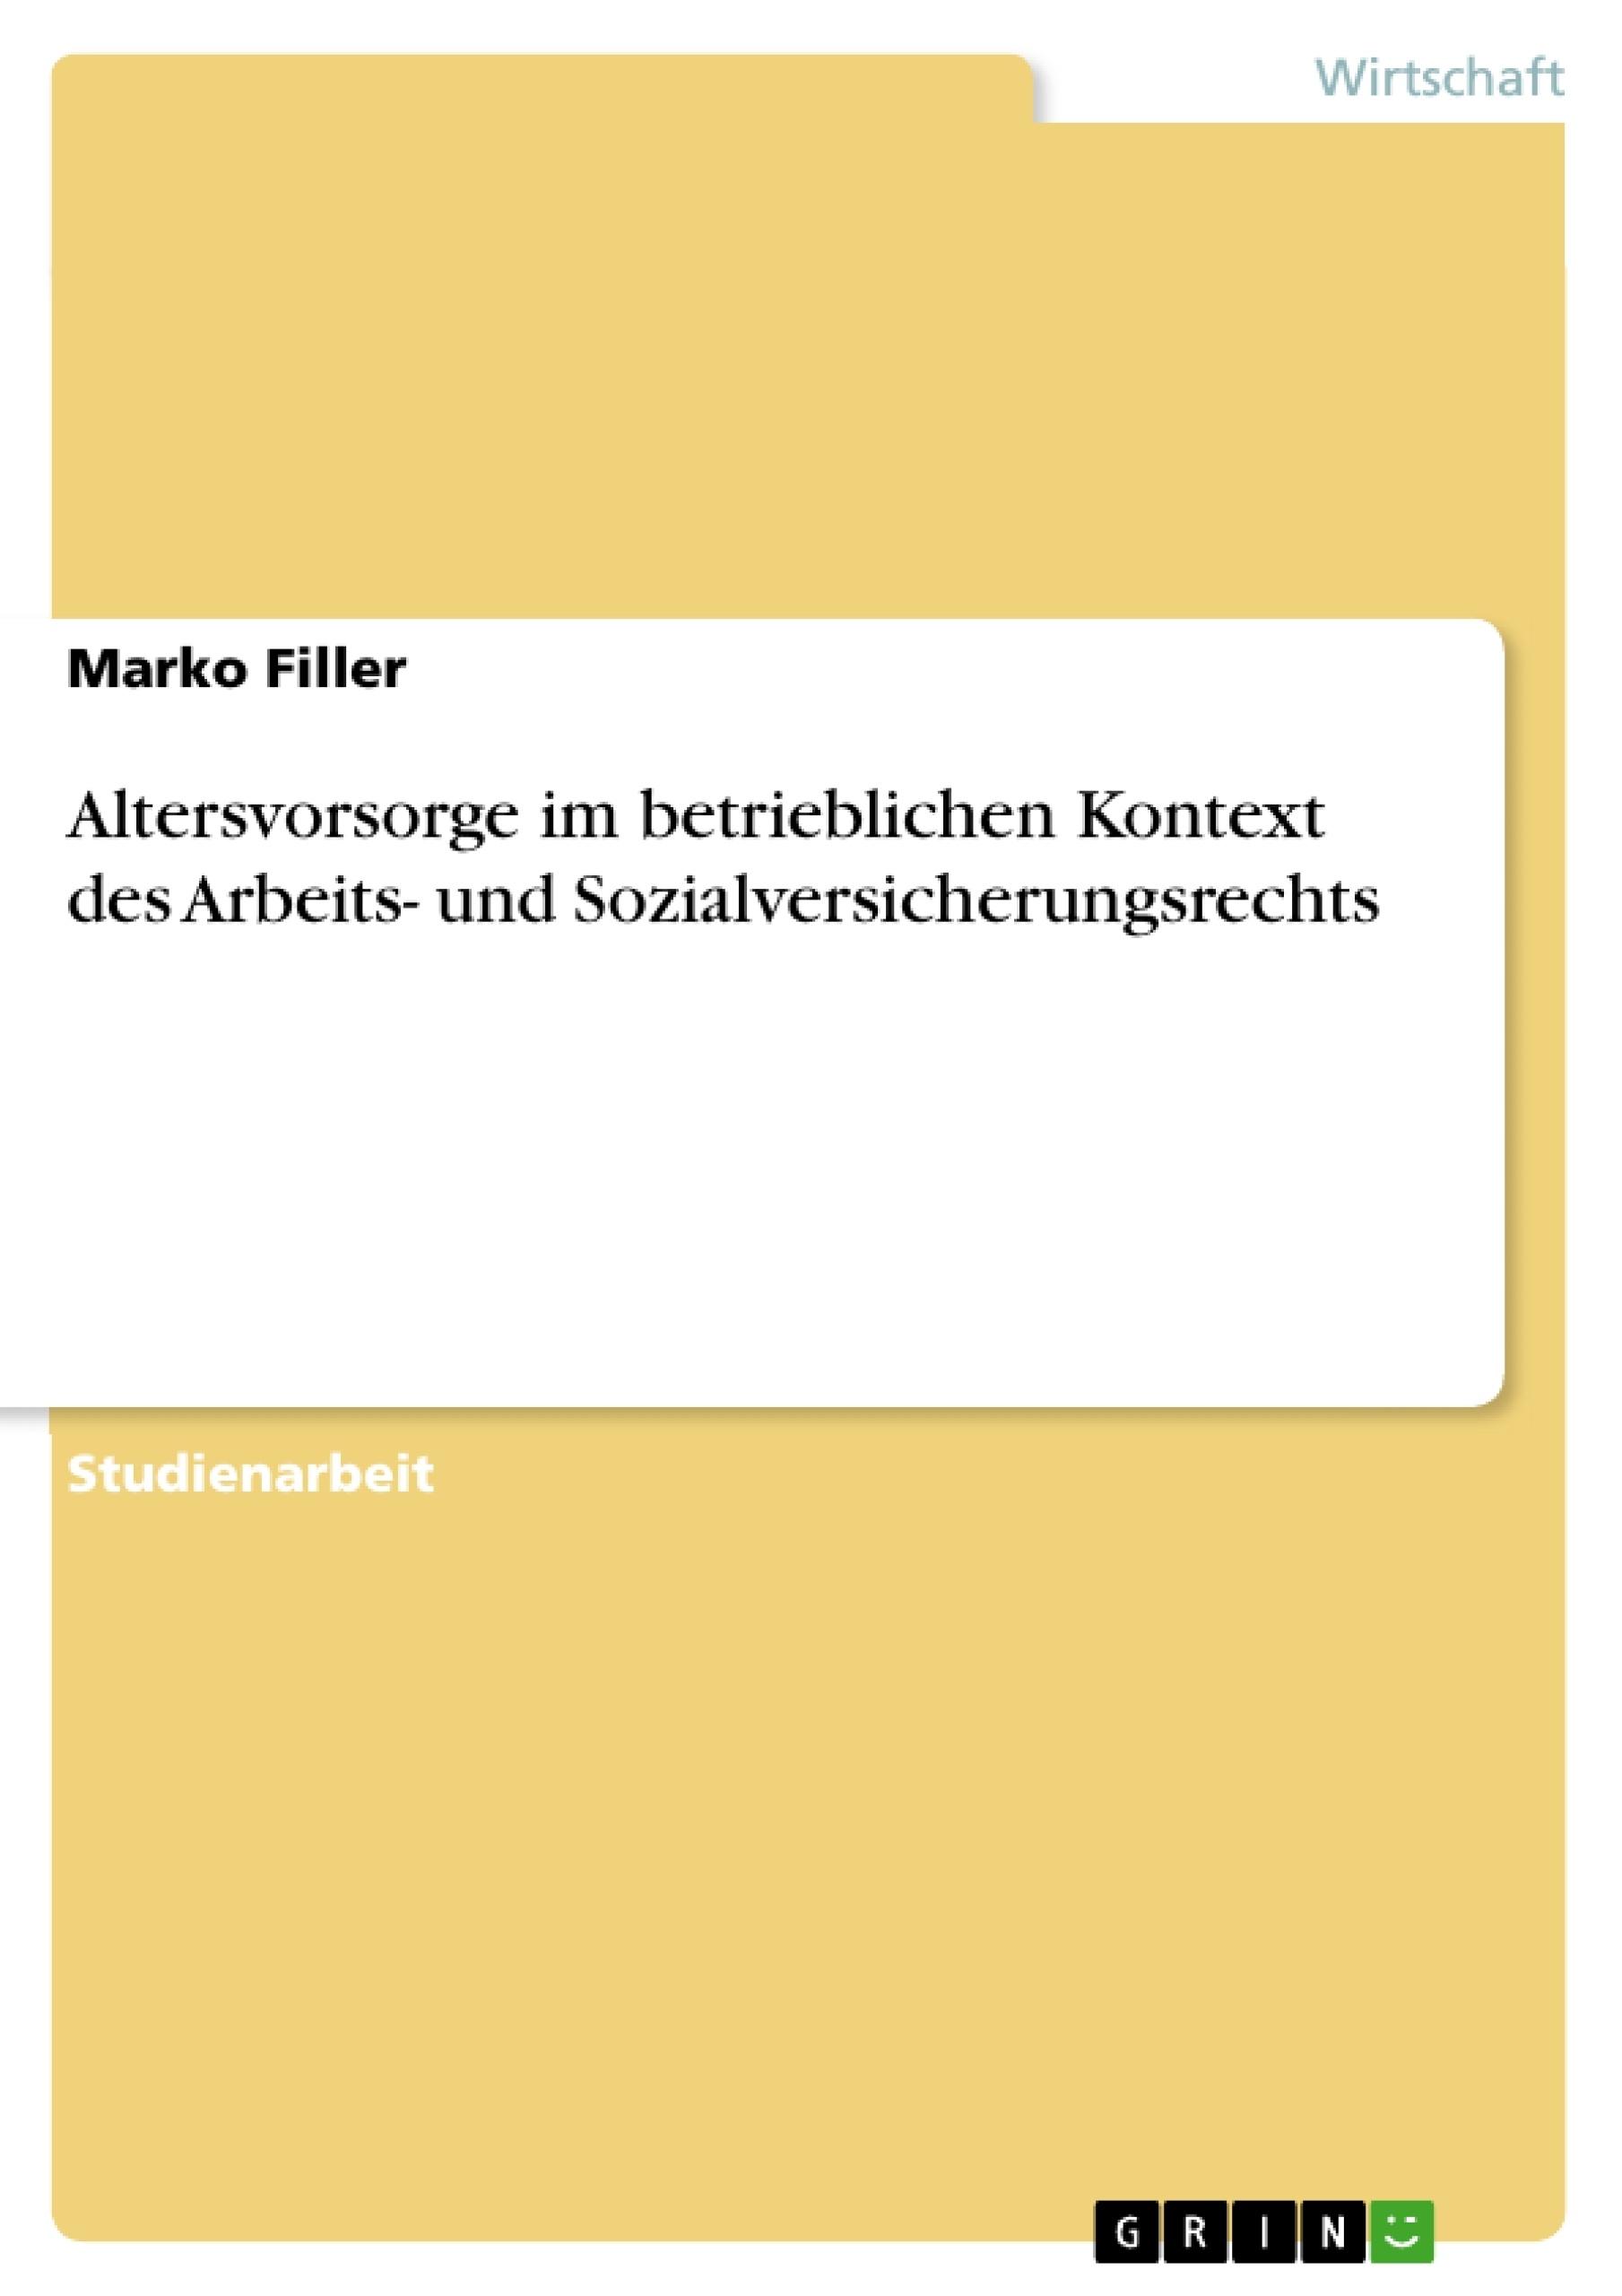 Titel: Altersvorsorge im betrieblichen Kontext des Arbeits- und Sozialversicherungsrechts